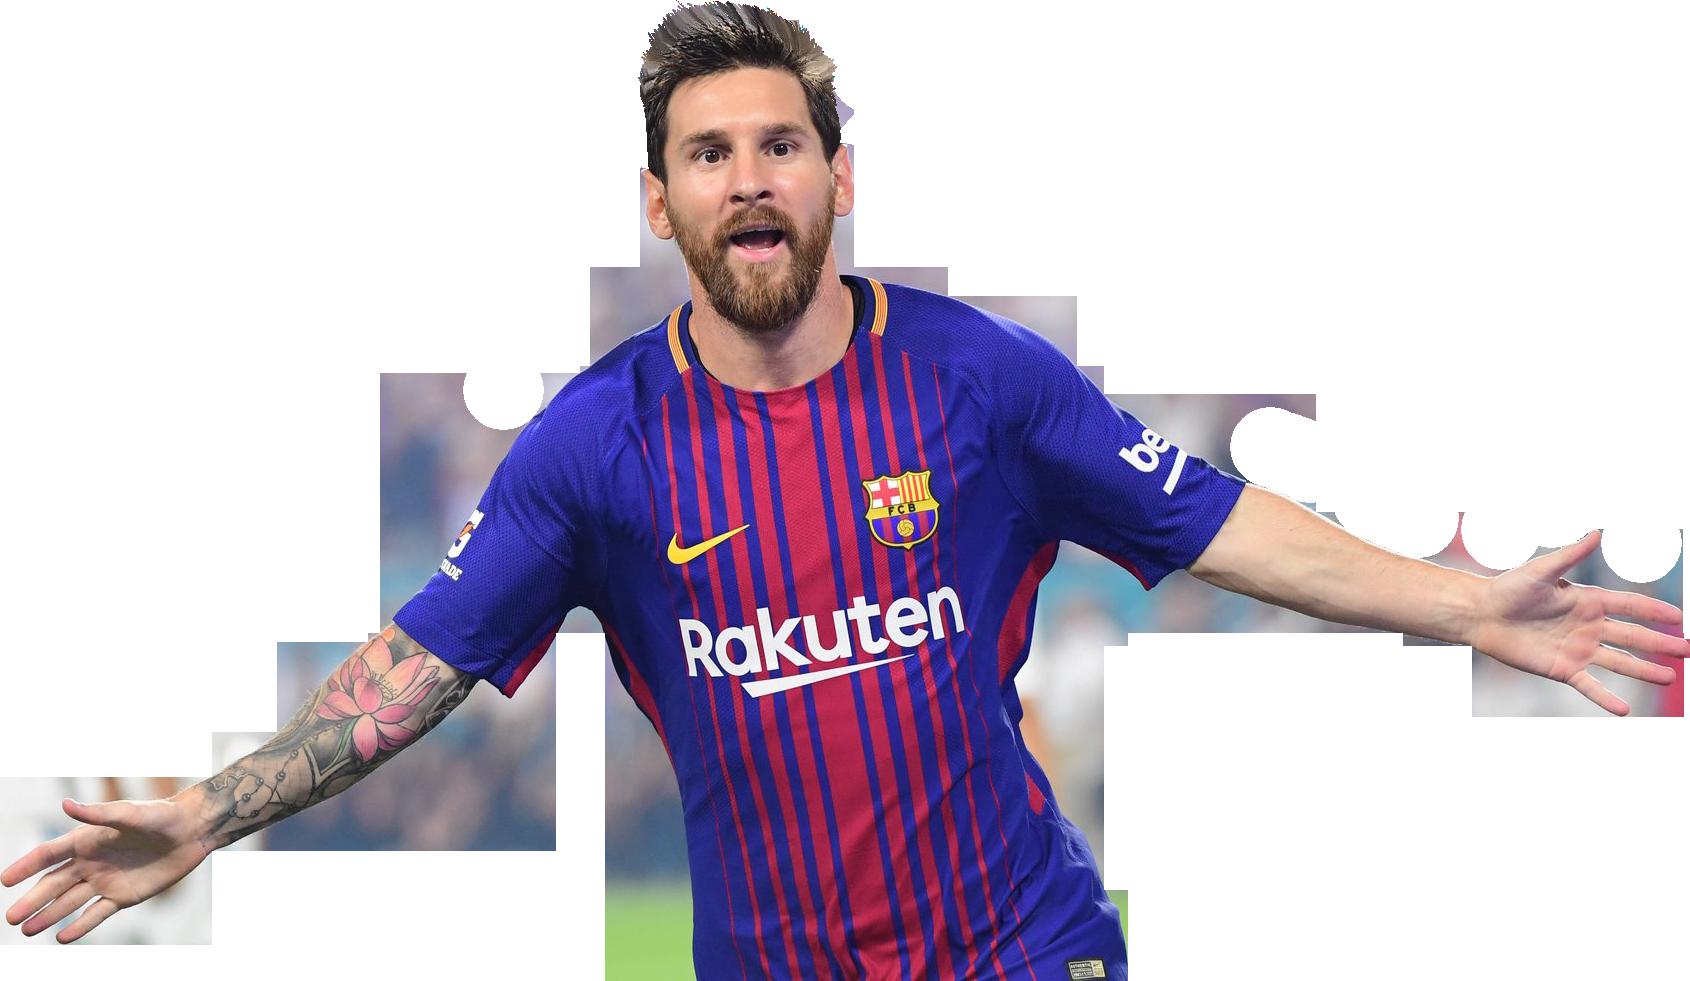 Lionel Messi Png Www Wlb Com Www Wlb Net Www Wlb